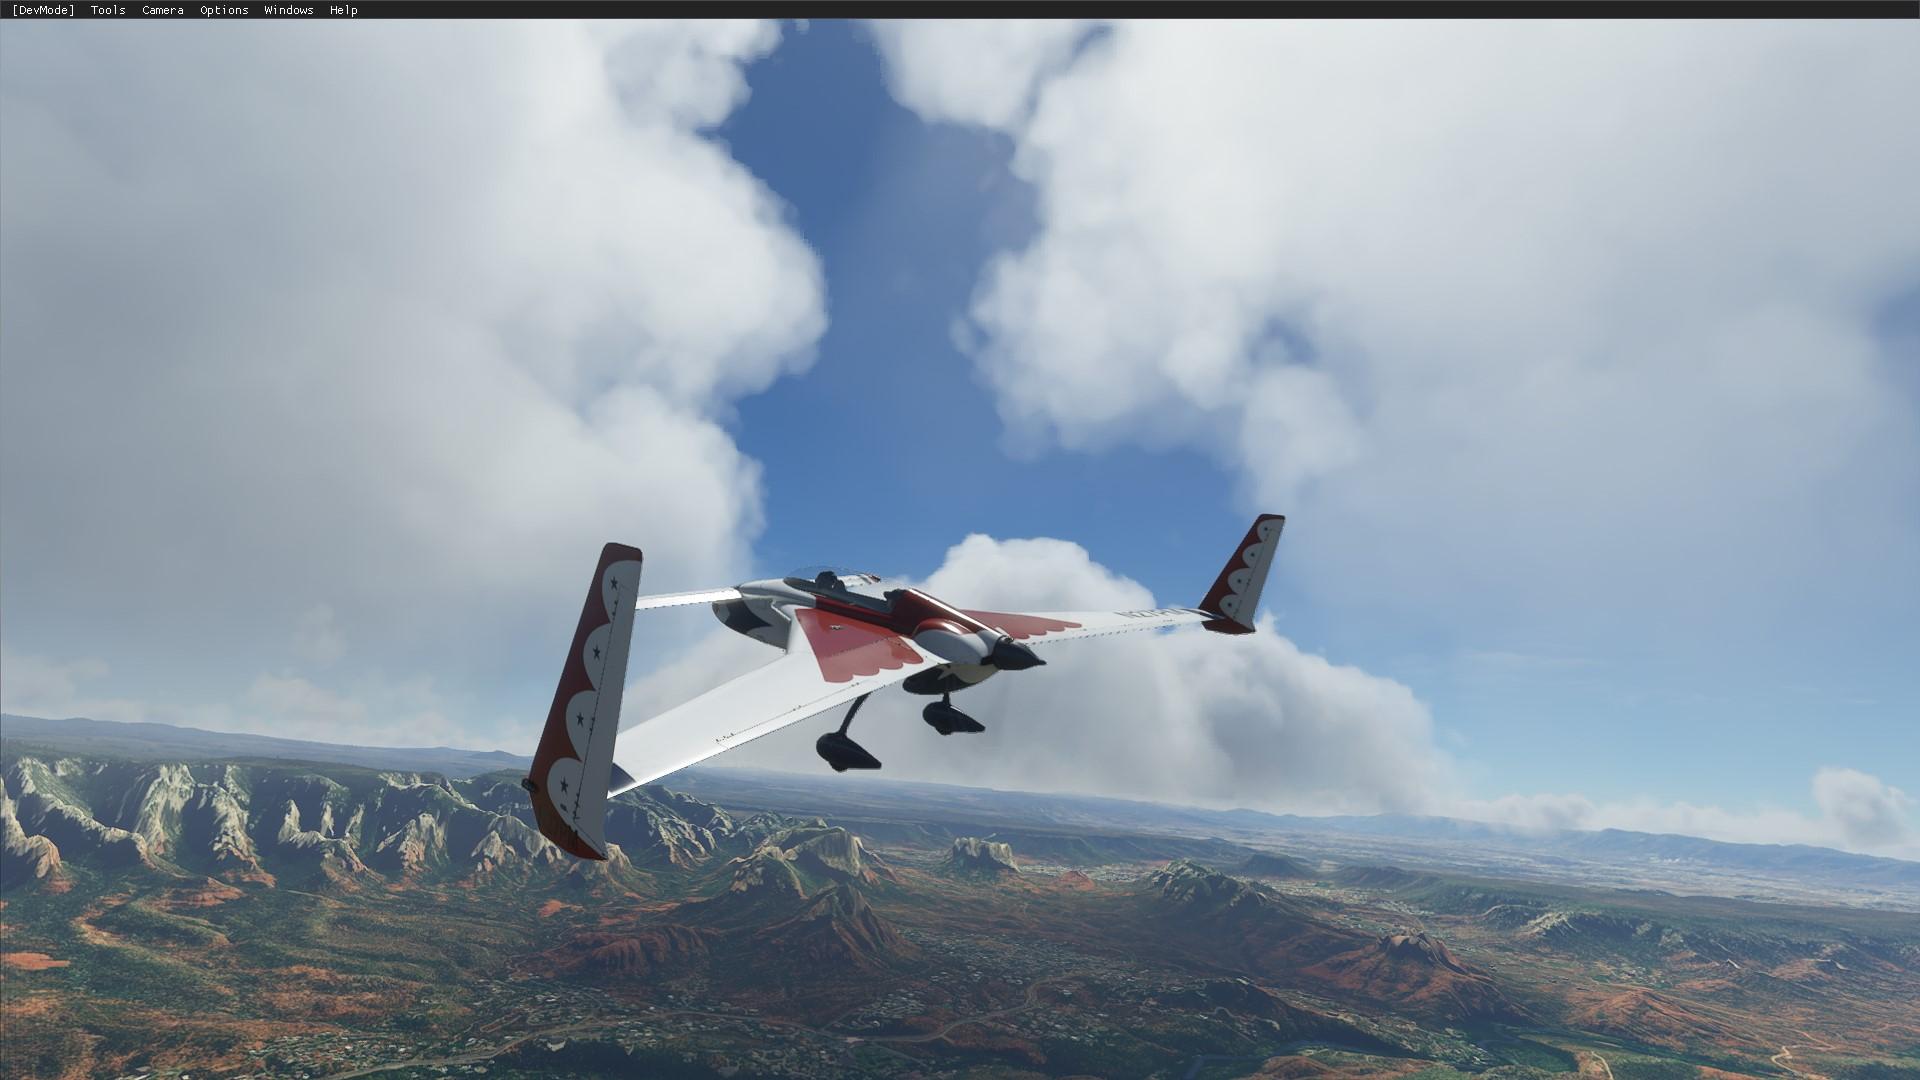 Indiafoxtecho anuncia su salida de X-Plane 11